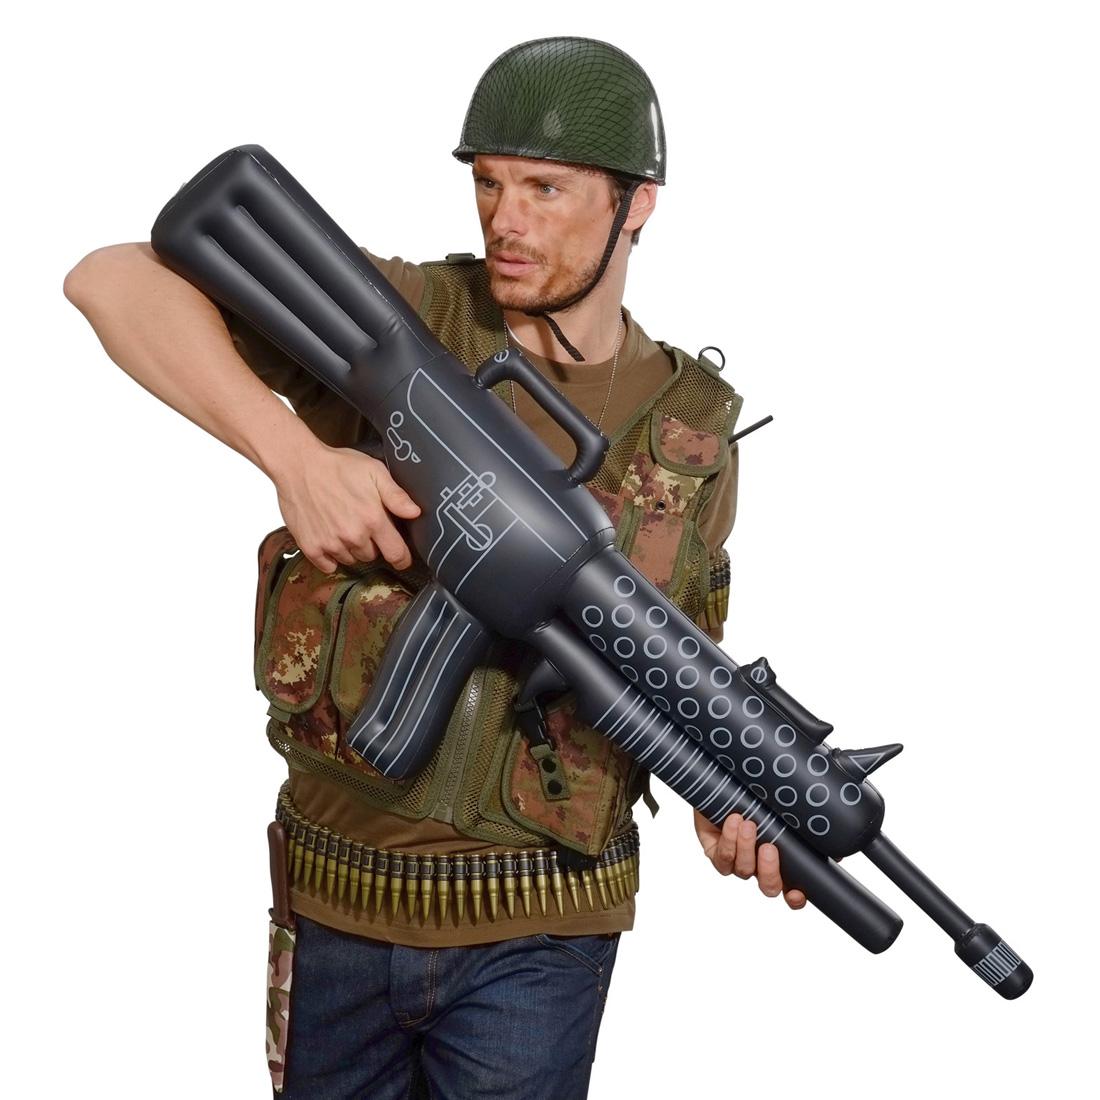 aufblasbares maschinengewehr gewehr aufblasbar waffe. Black Bedroom Furniture Sets. Home Design Ideas